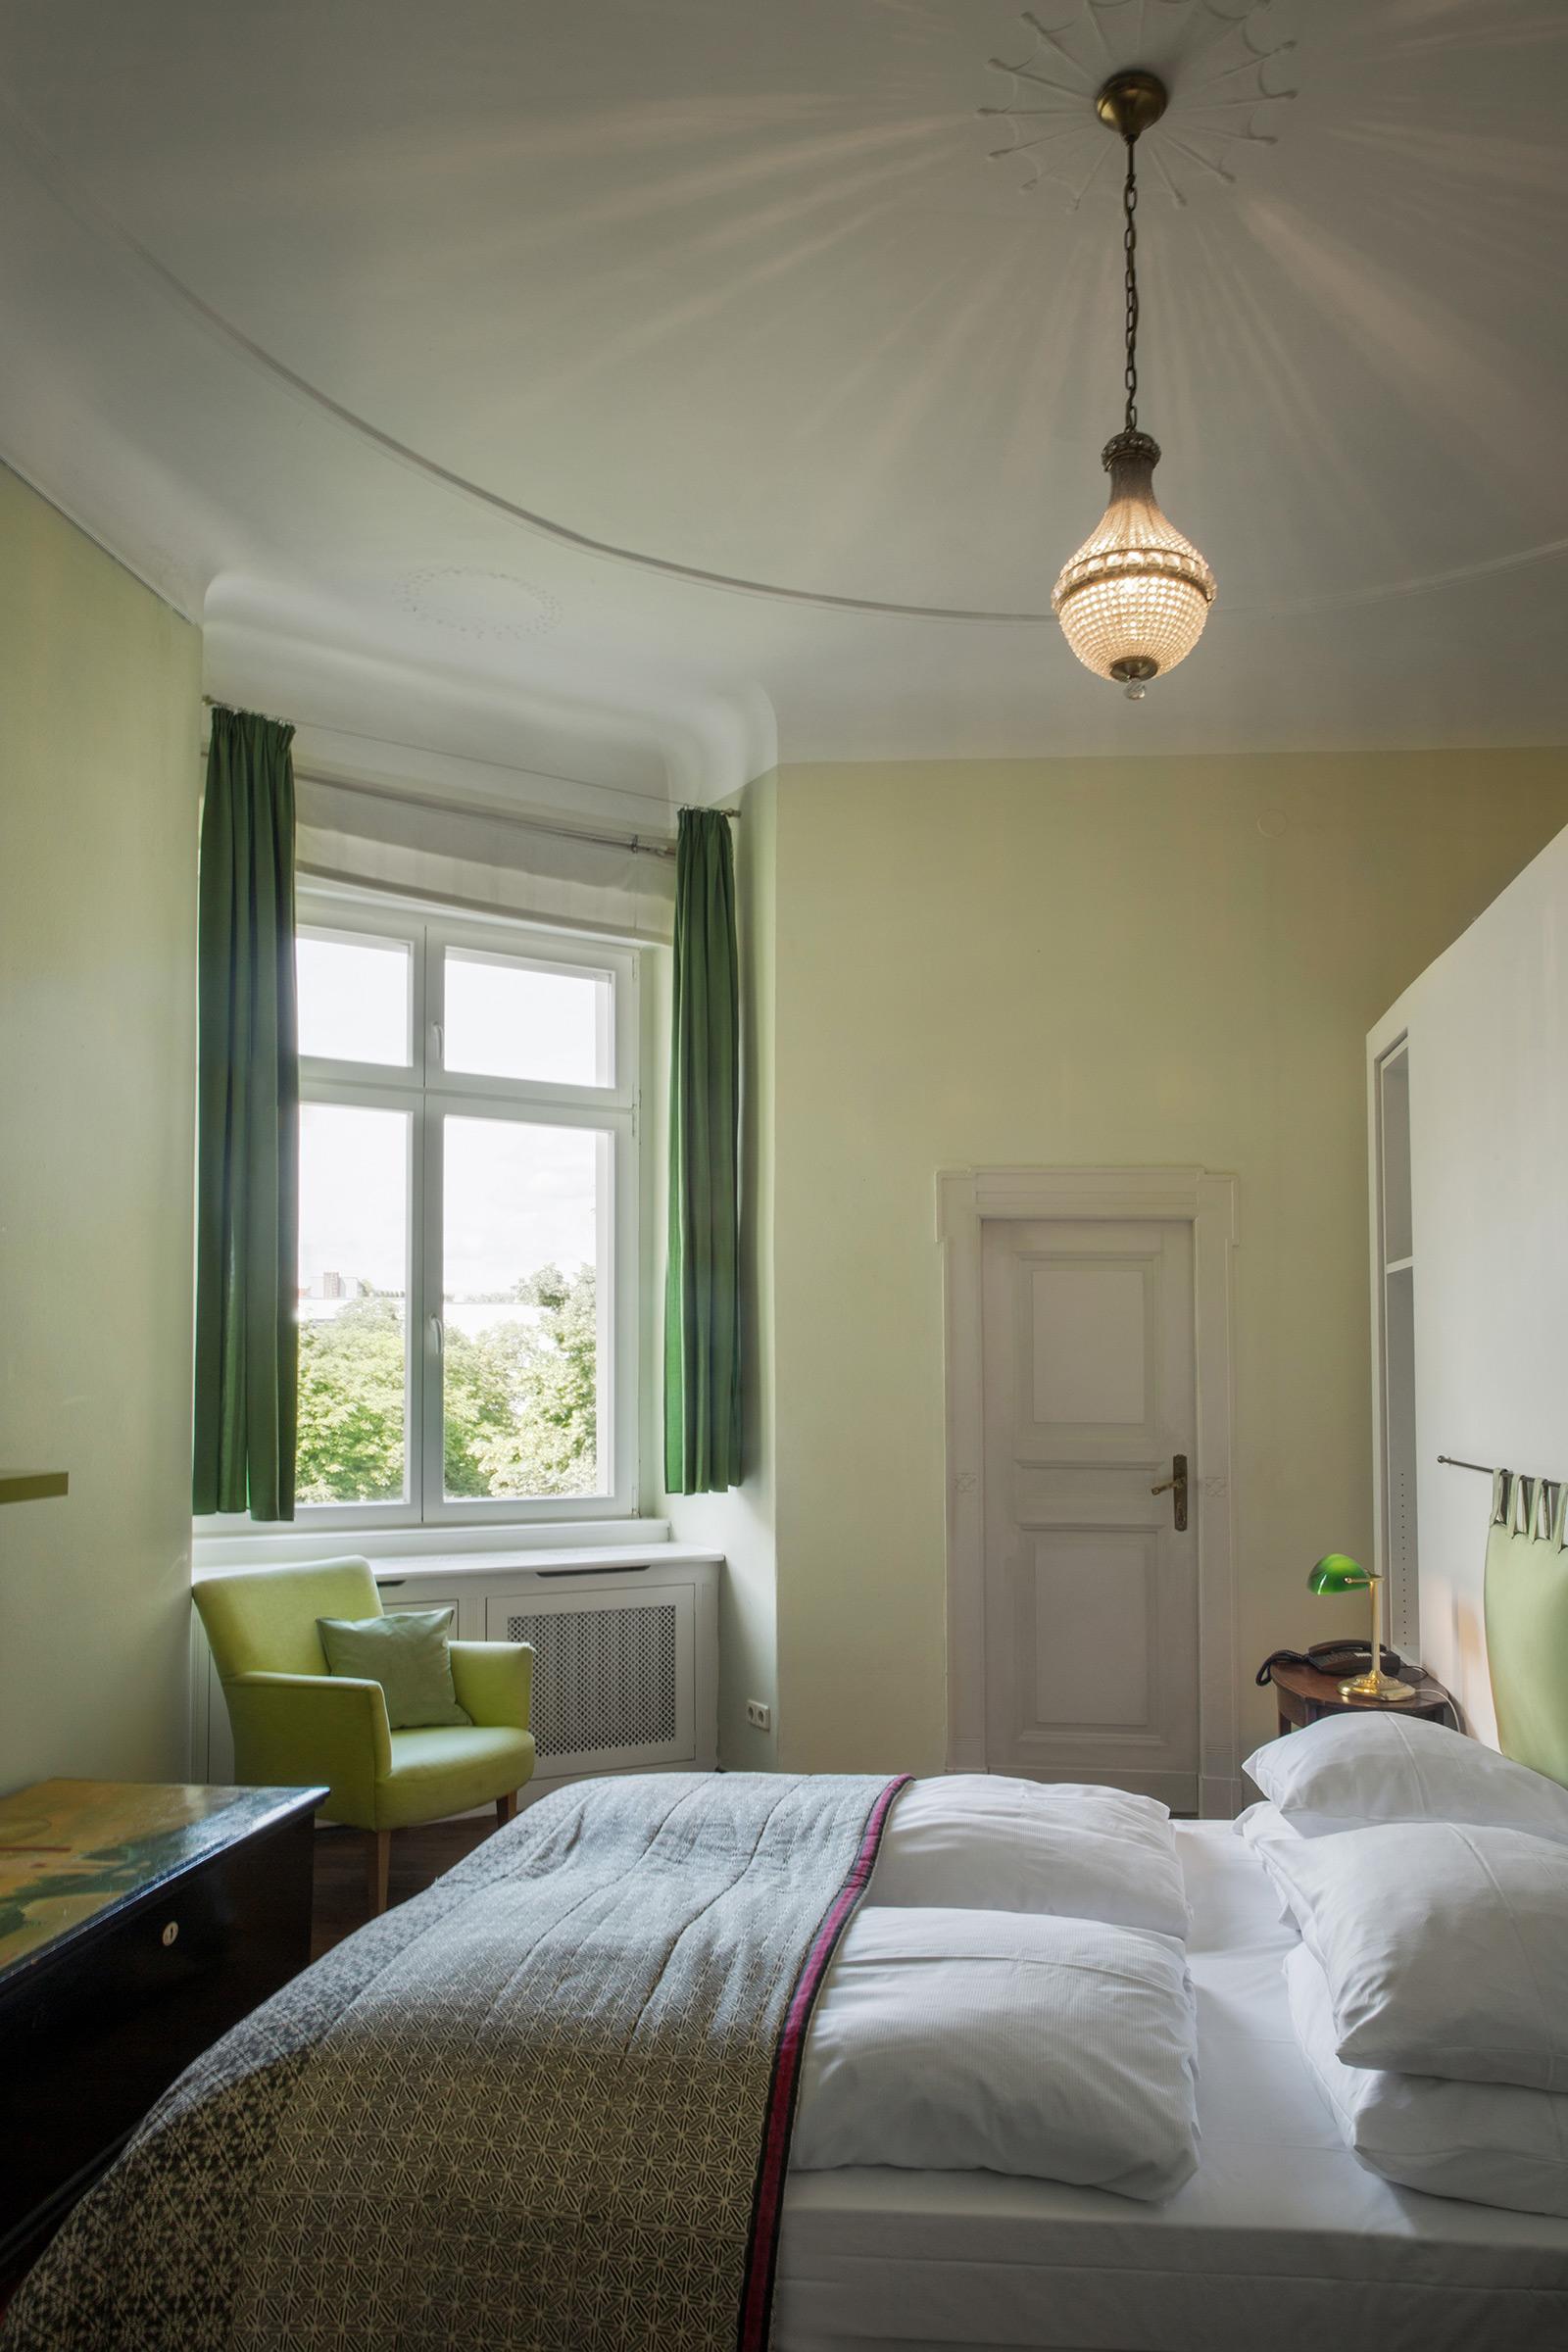 https://www.hotelartnouveau.de/wp-content/uploads//2016/06/doppelzimmer-berlin-hotel-art-nouveau.jpg